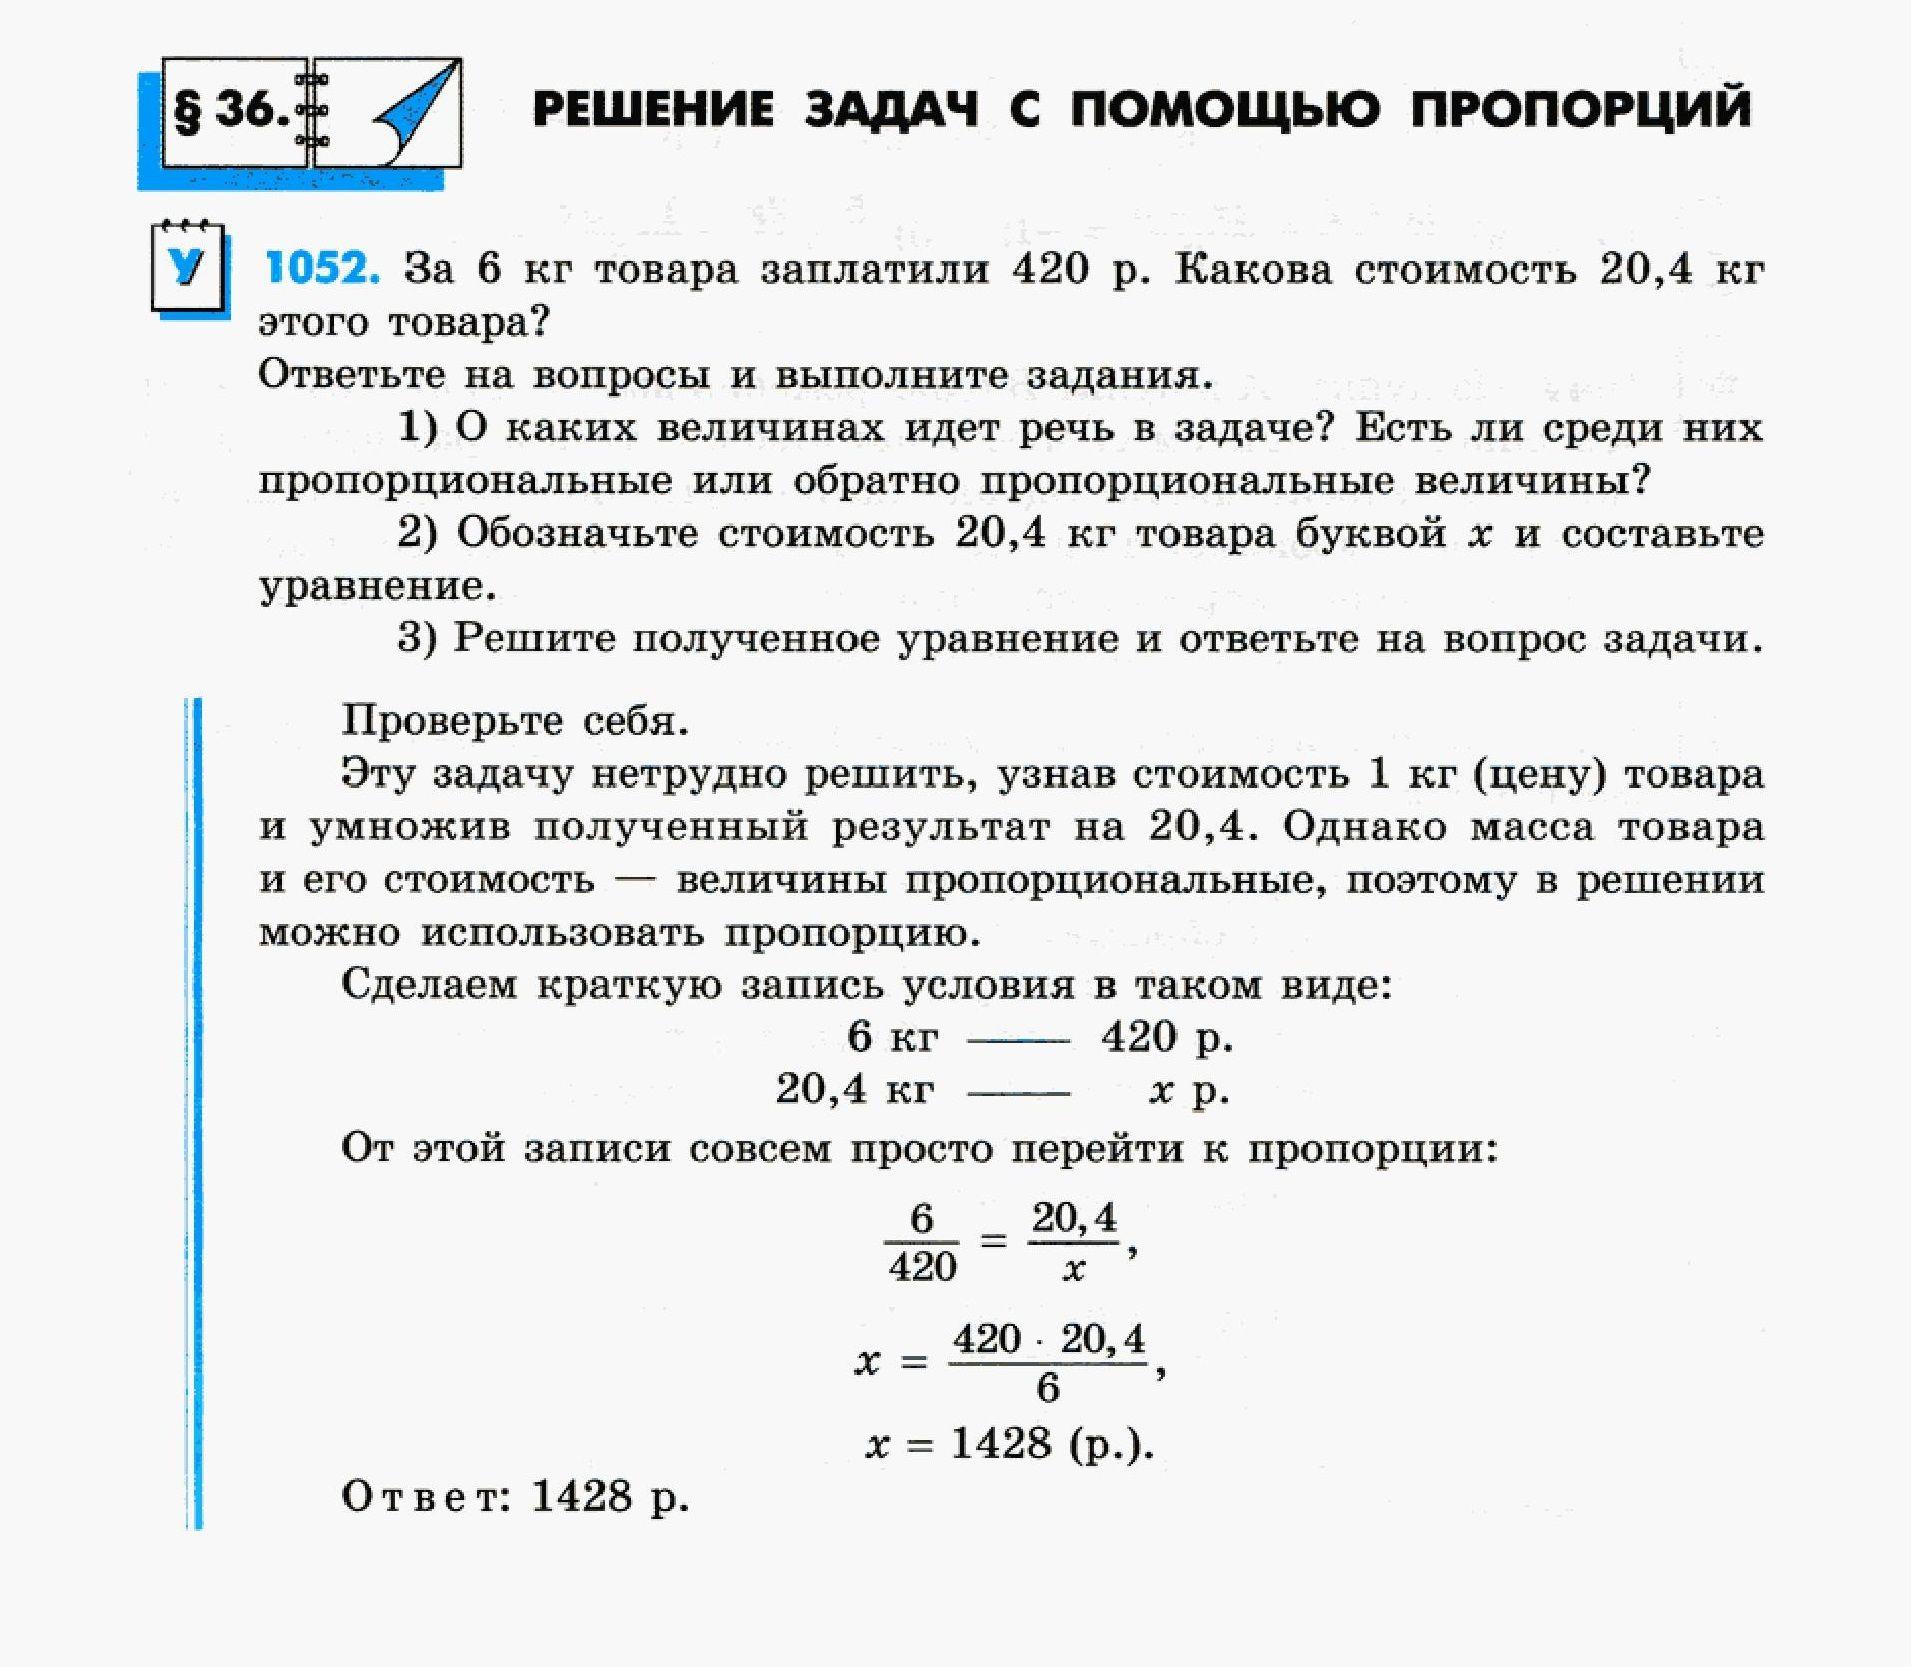 Экспресс уроки гдз решебник ответы по русскому языку 6 класс львова и львов